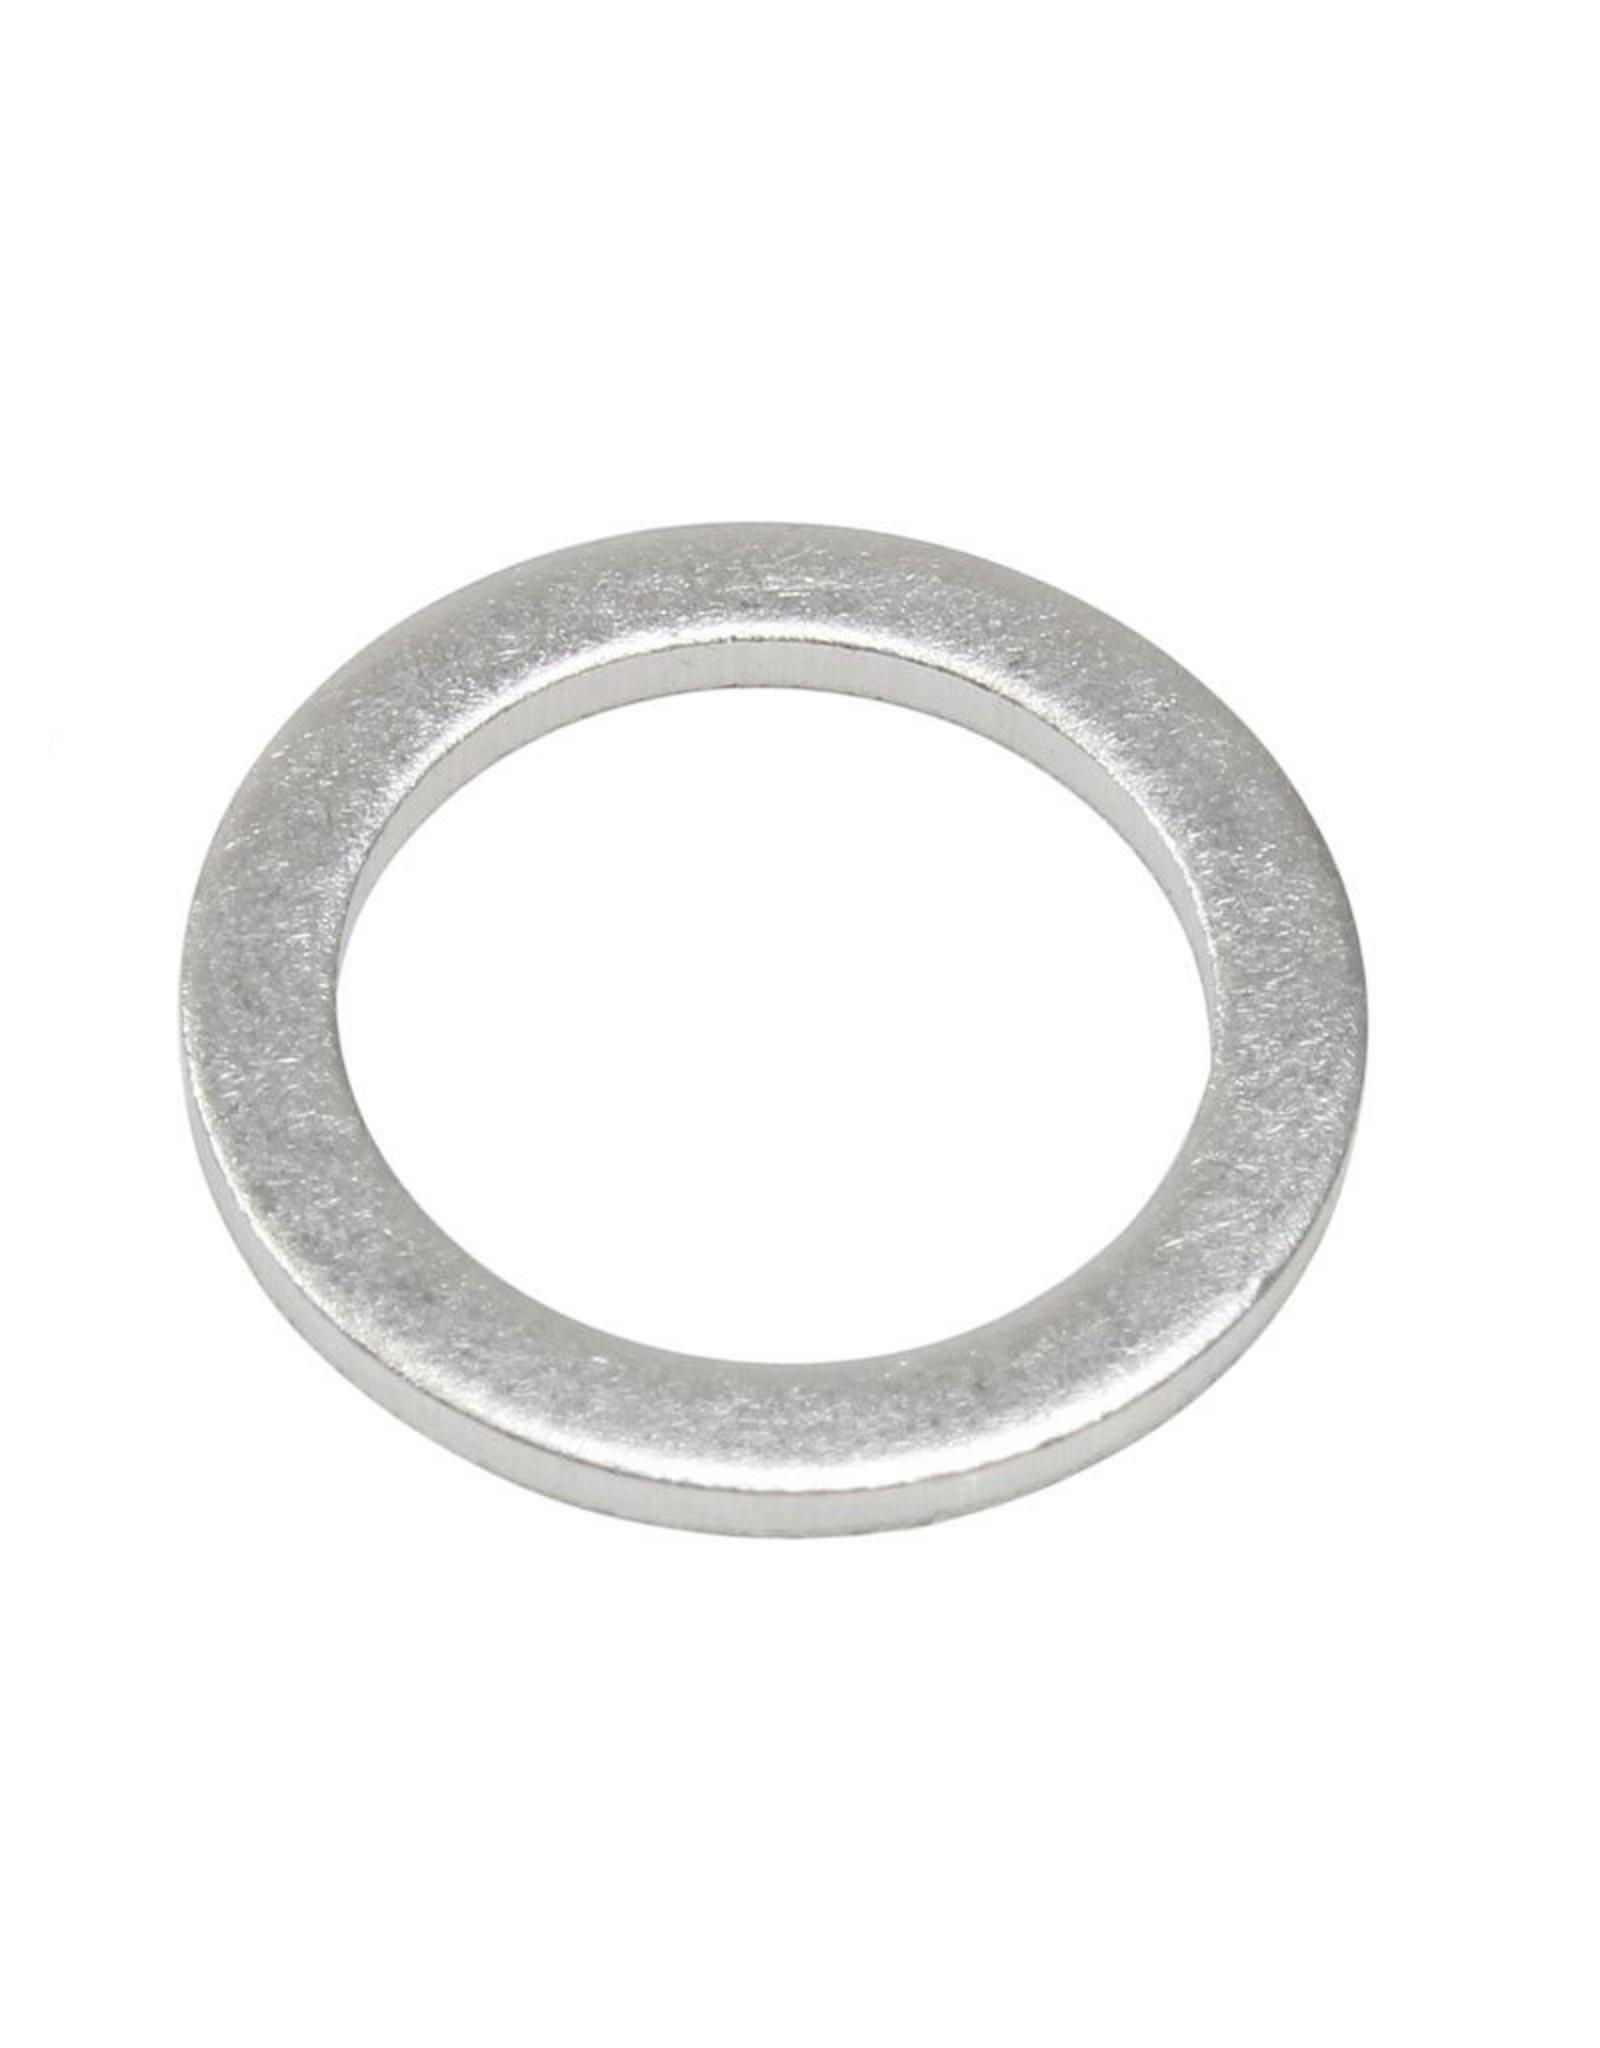 DUCATI JOINT ALUMINIUM 14.2x19.5x1.5mm